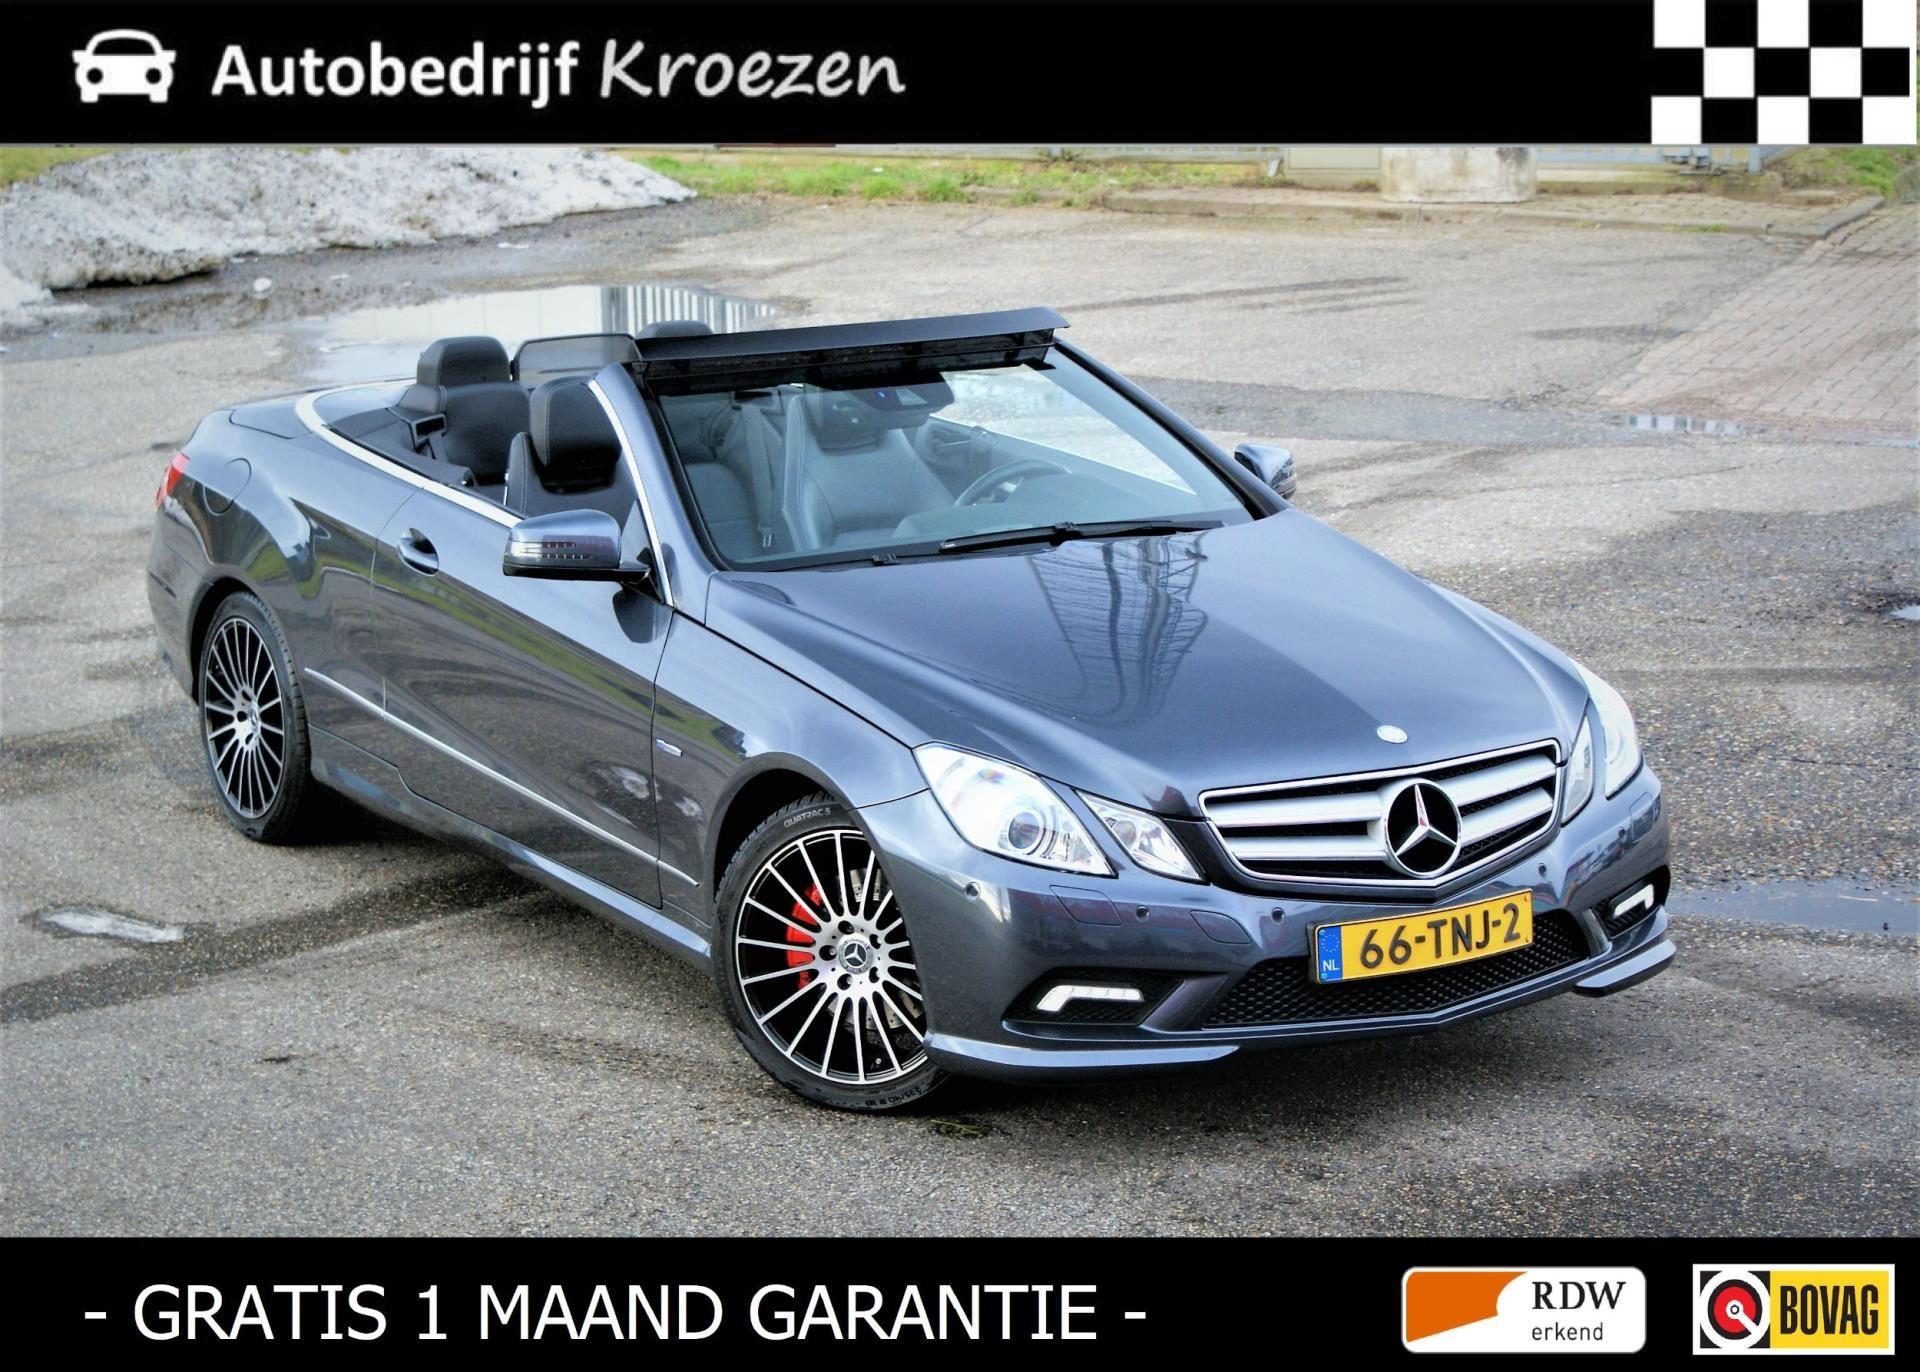 Mercedes-Benz E-klasse Cabrio occasion - Autobedrijf Kroezen